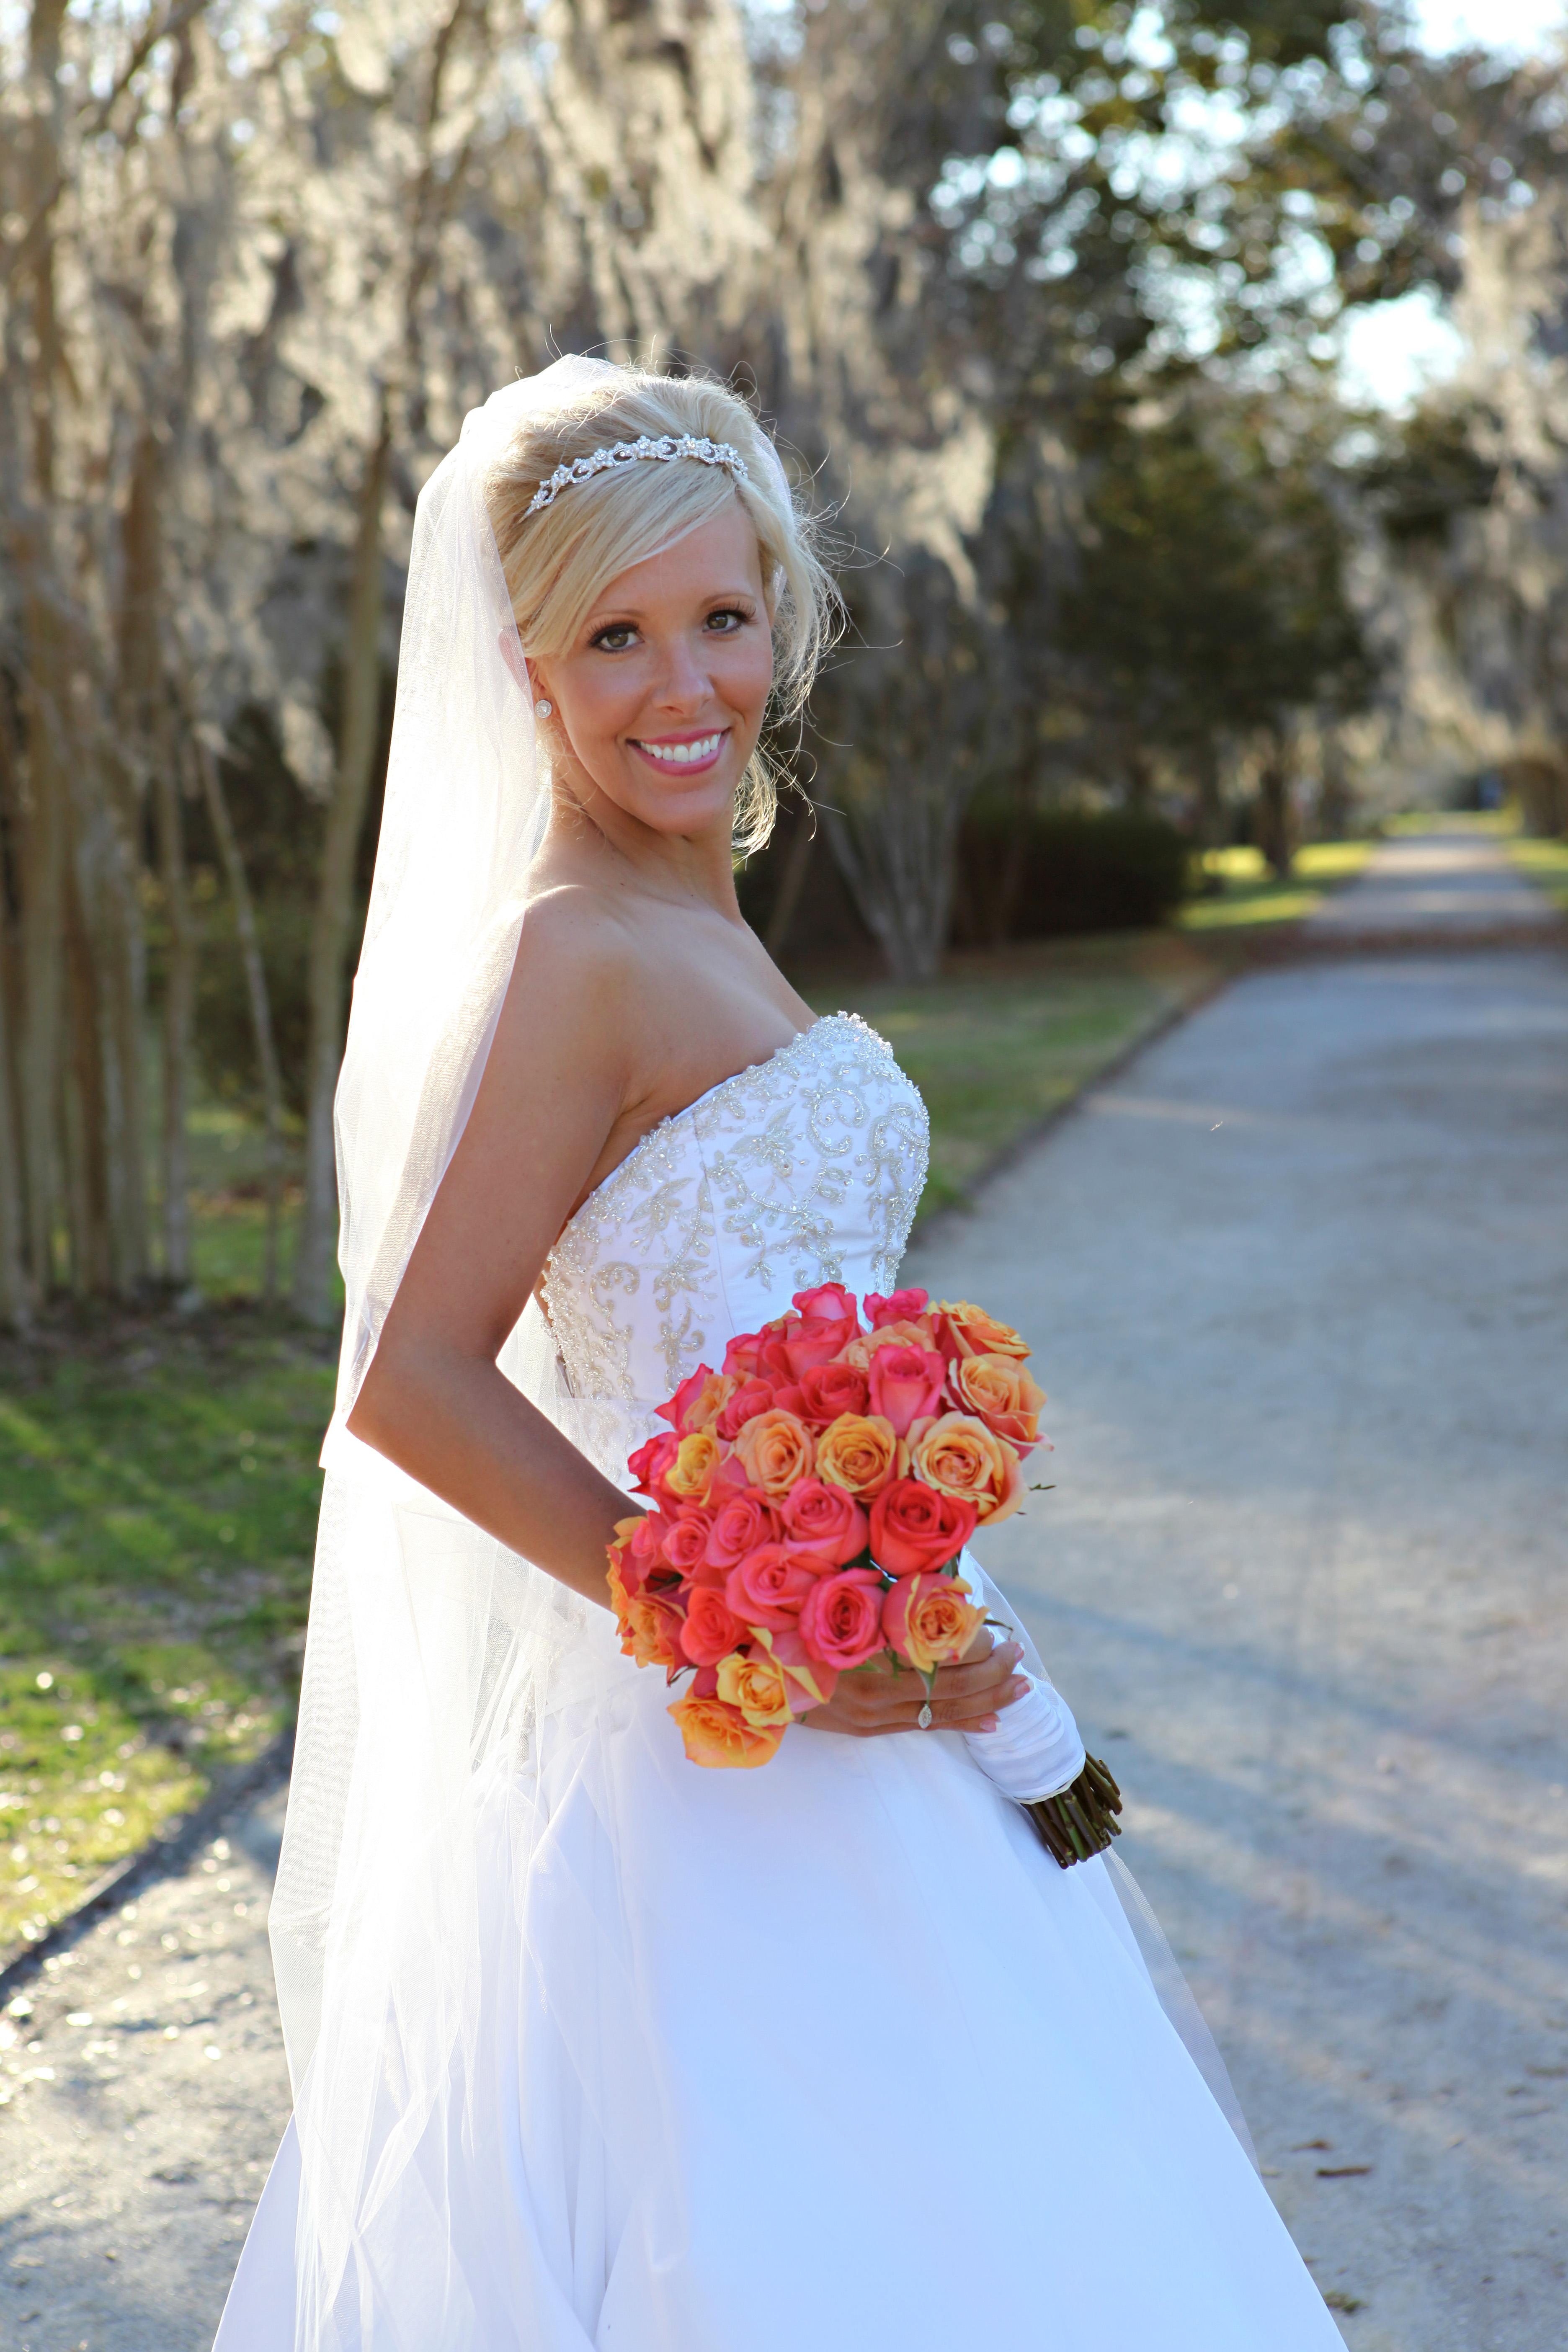 Planning A Wedding In Augusta, Georgia. I ...